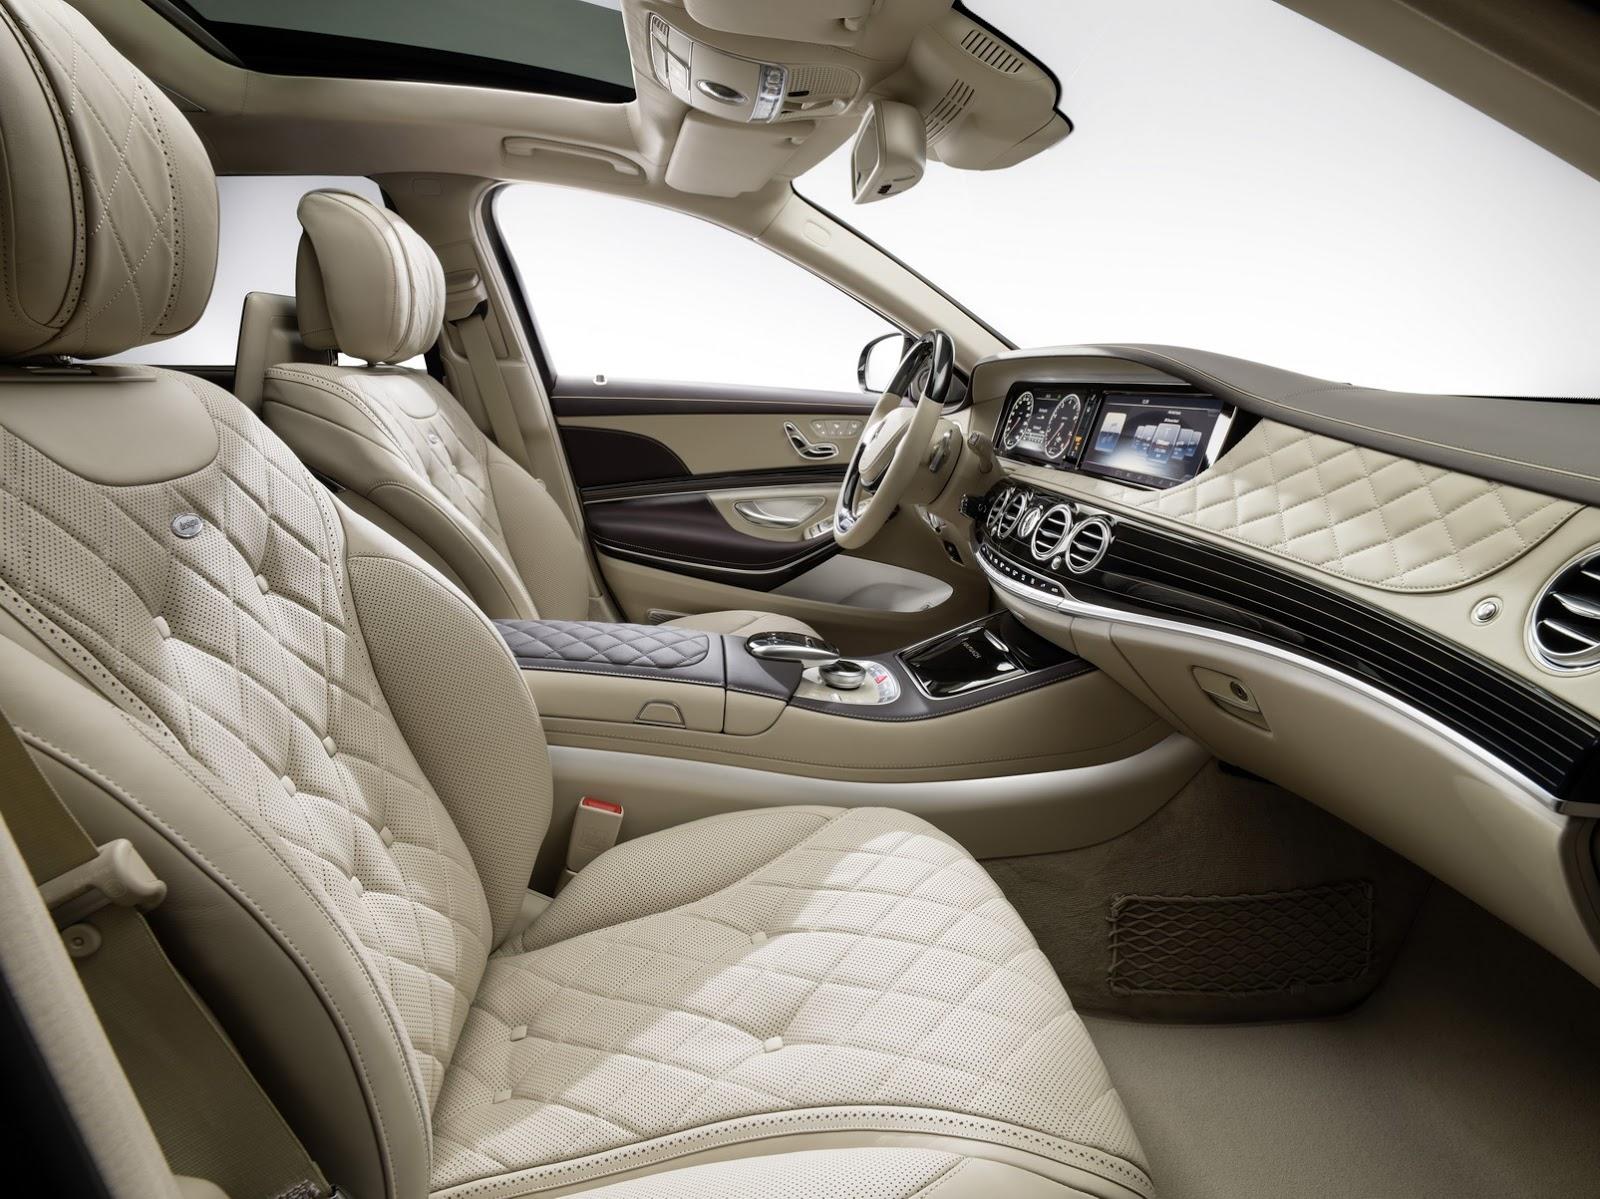 Mercedes Benz S-Class sẽ chỉ sử dụng con người trong dây chuyền sản xuất